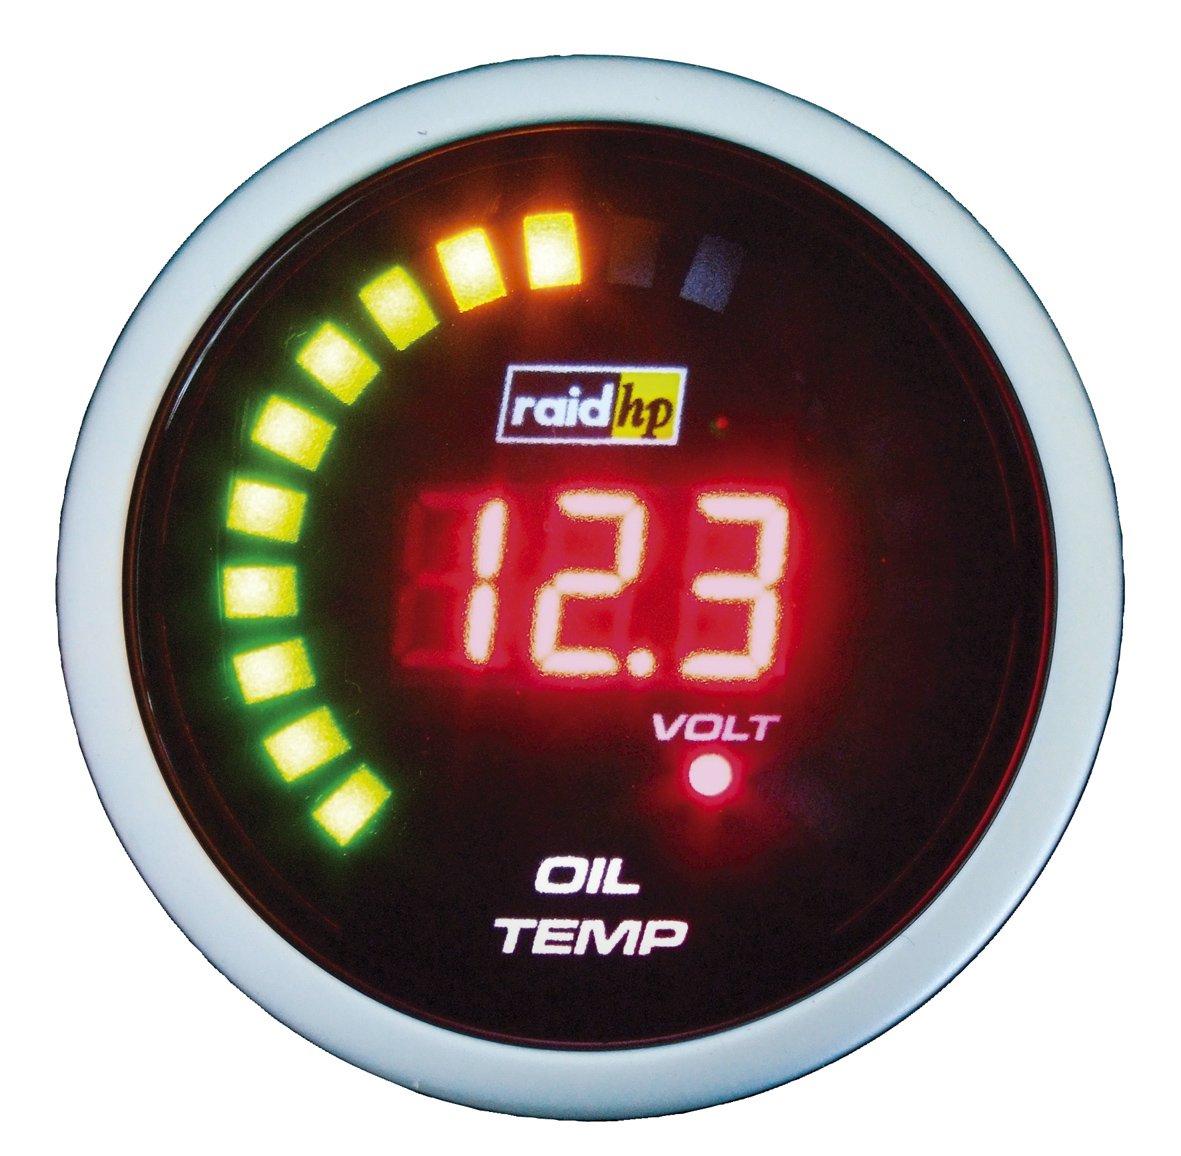 Raid hp 660535 Night Flight Digital - Indicador digital de temperatura de aceite, color rojo